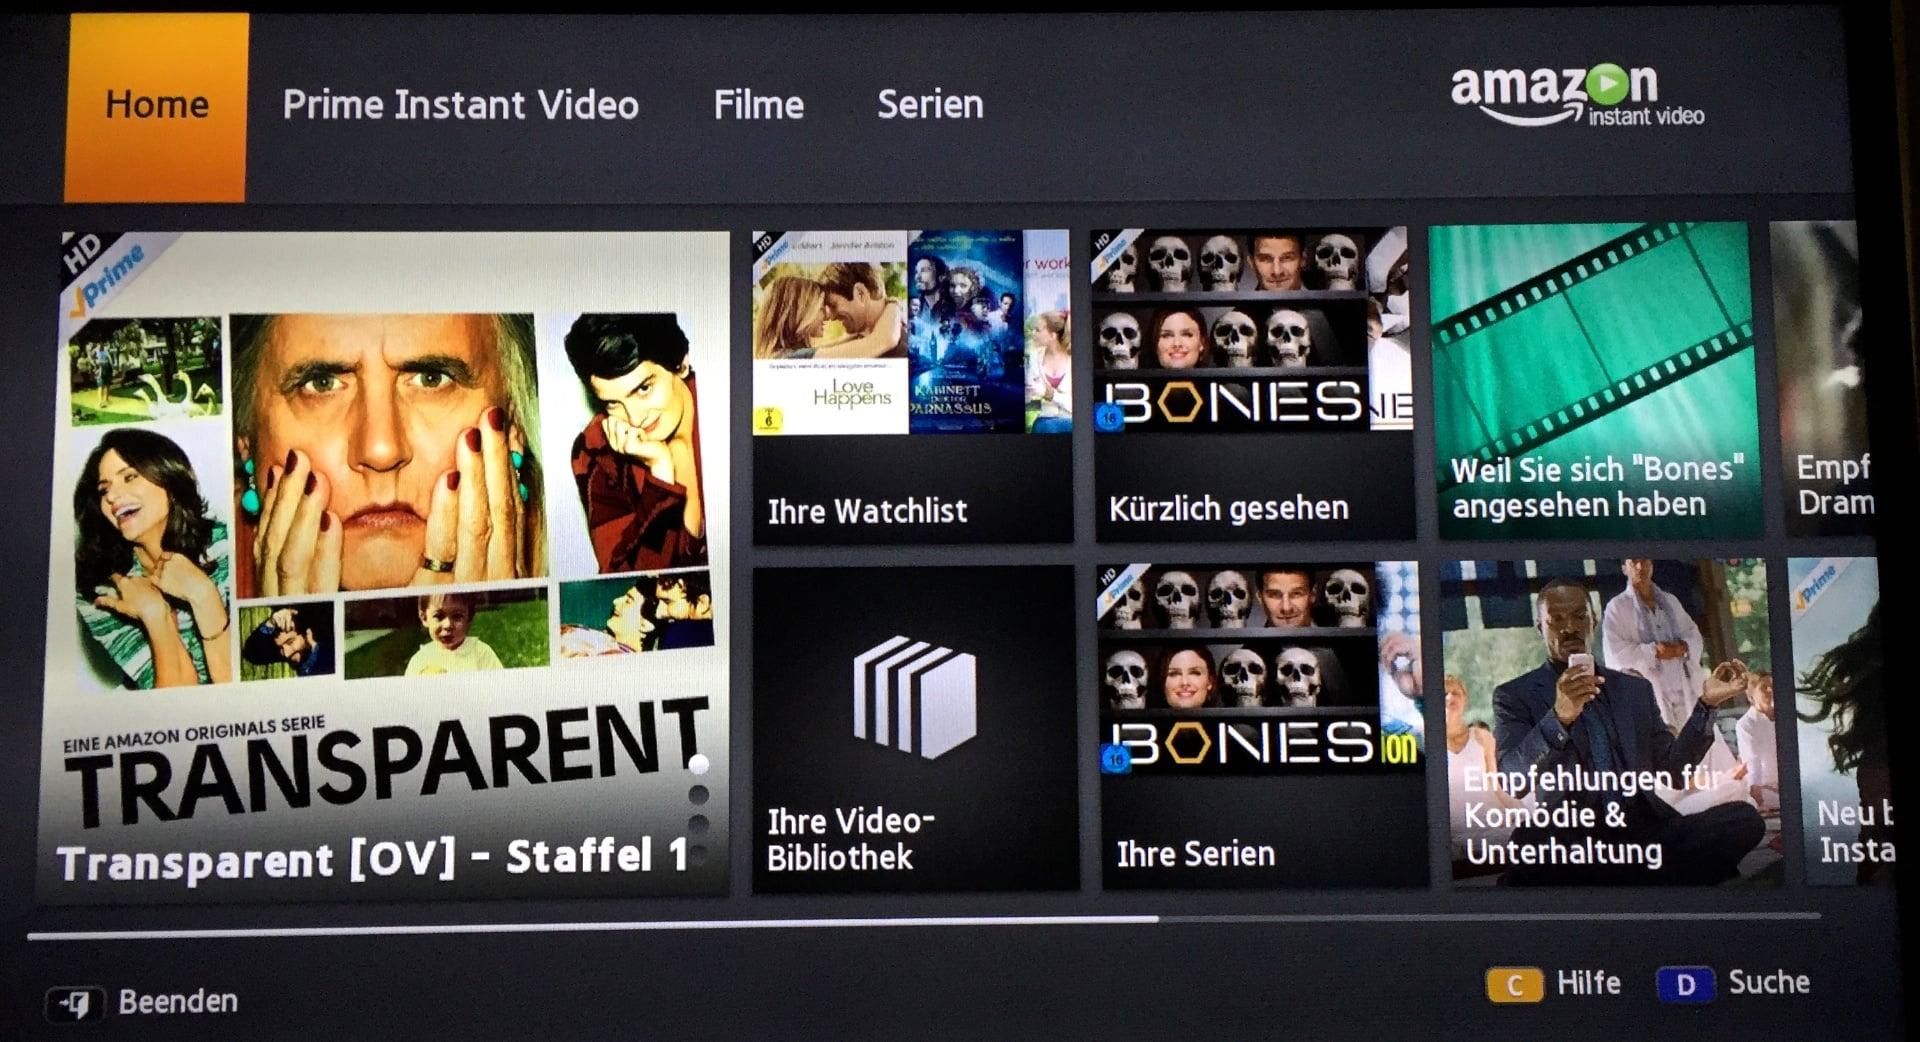 Amazon Instant Video App auf einem Samsung Smart TV